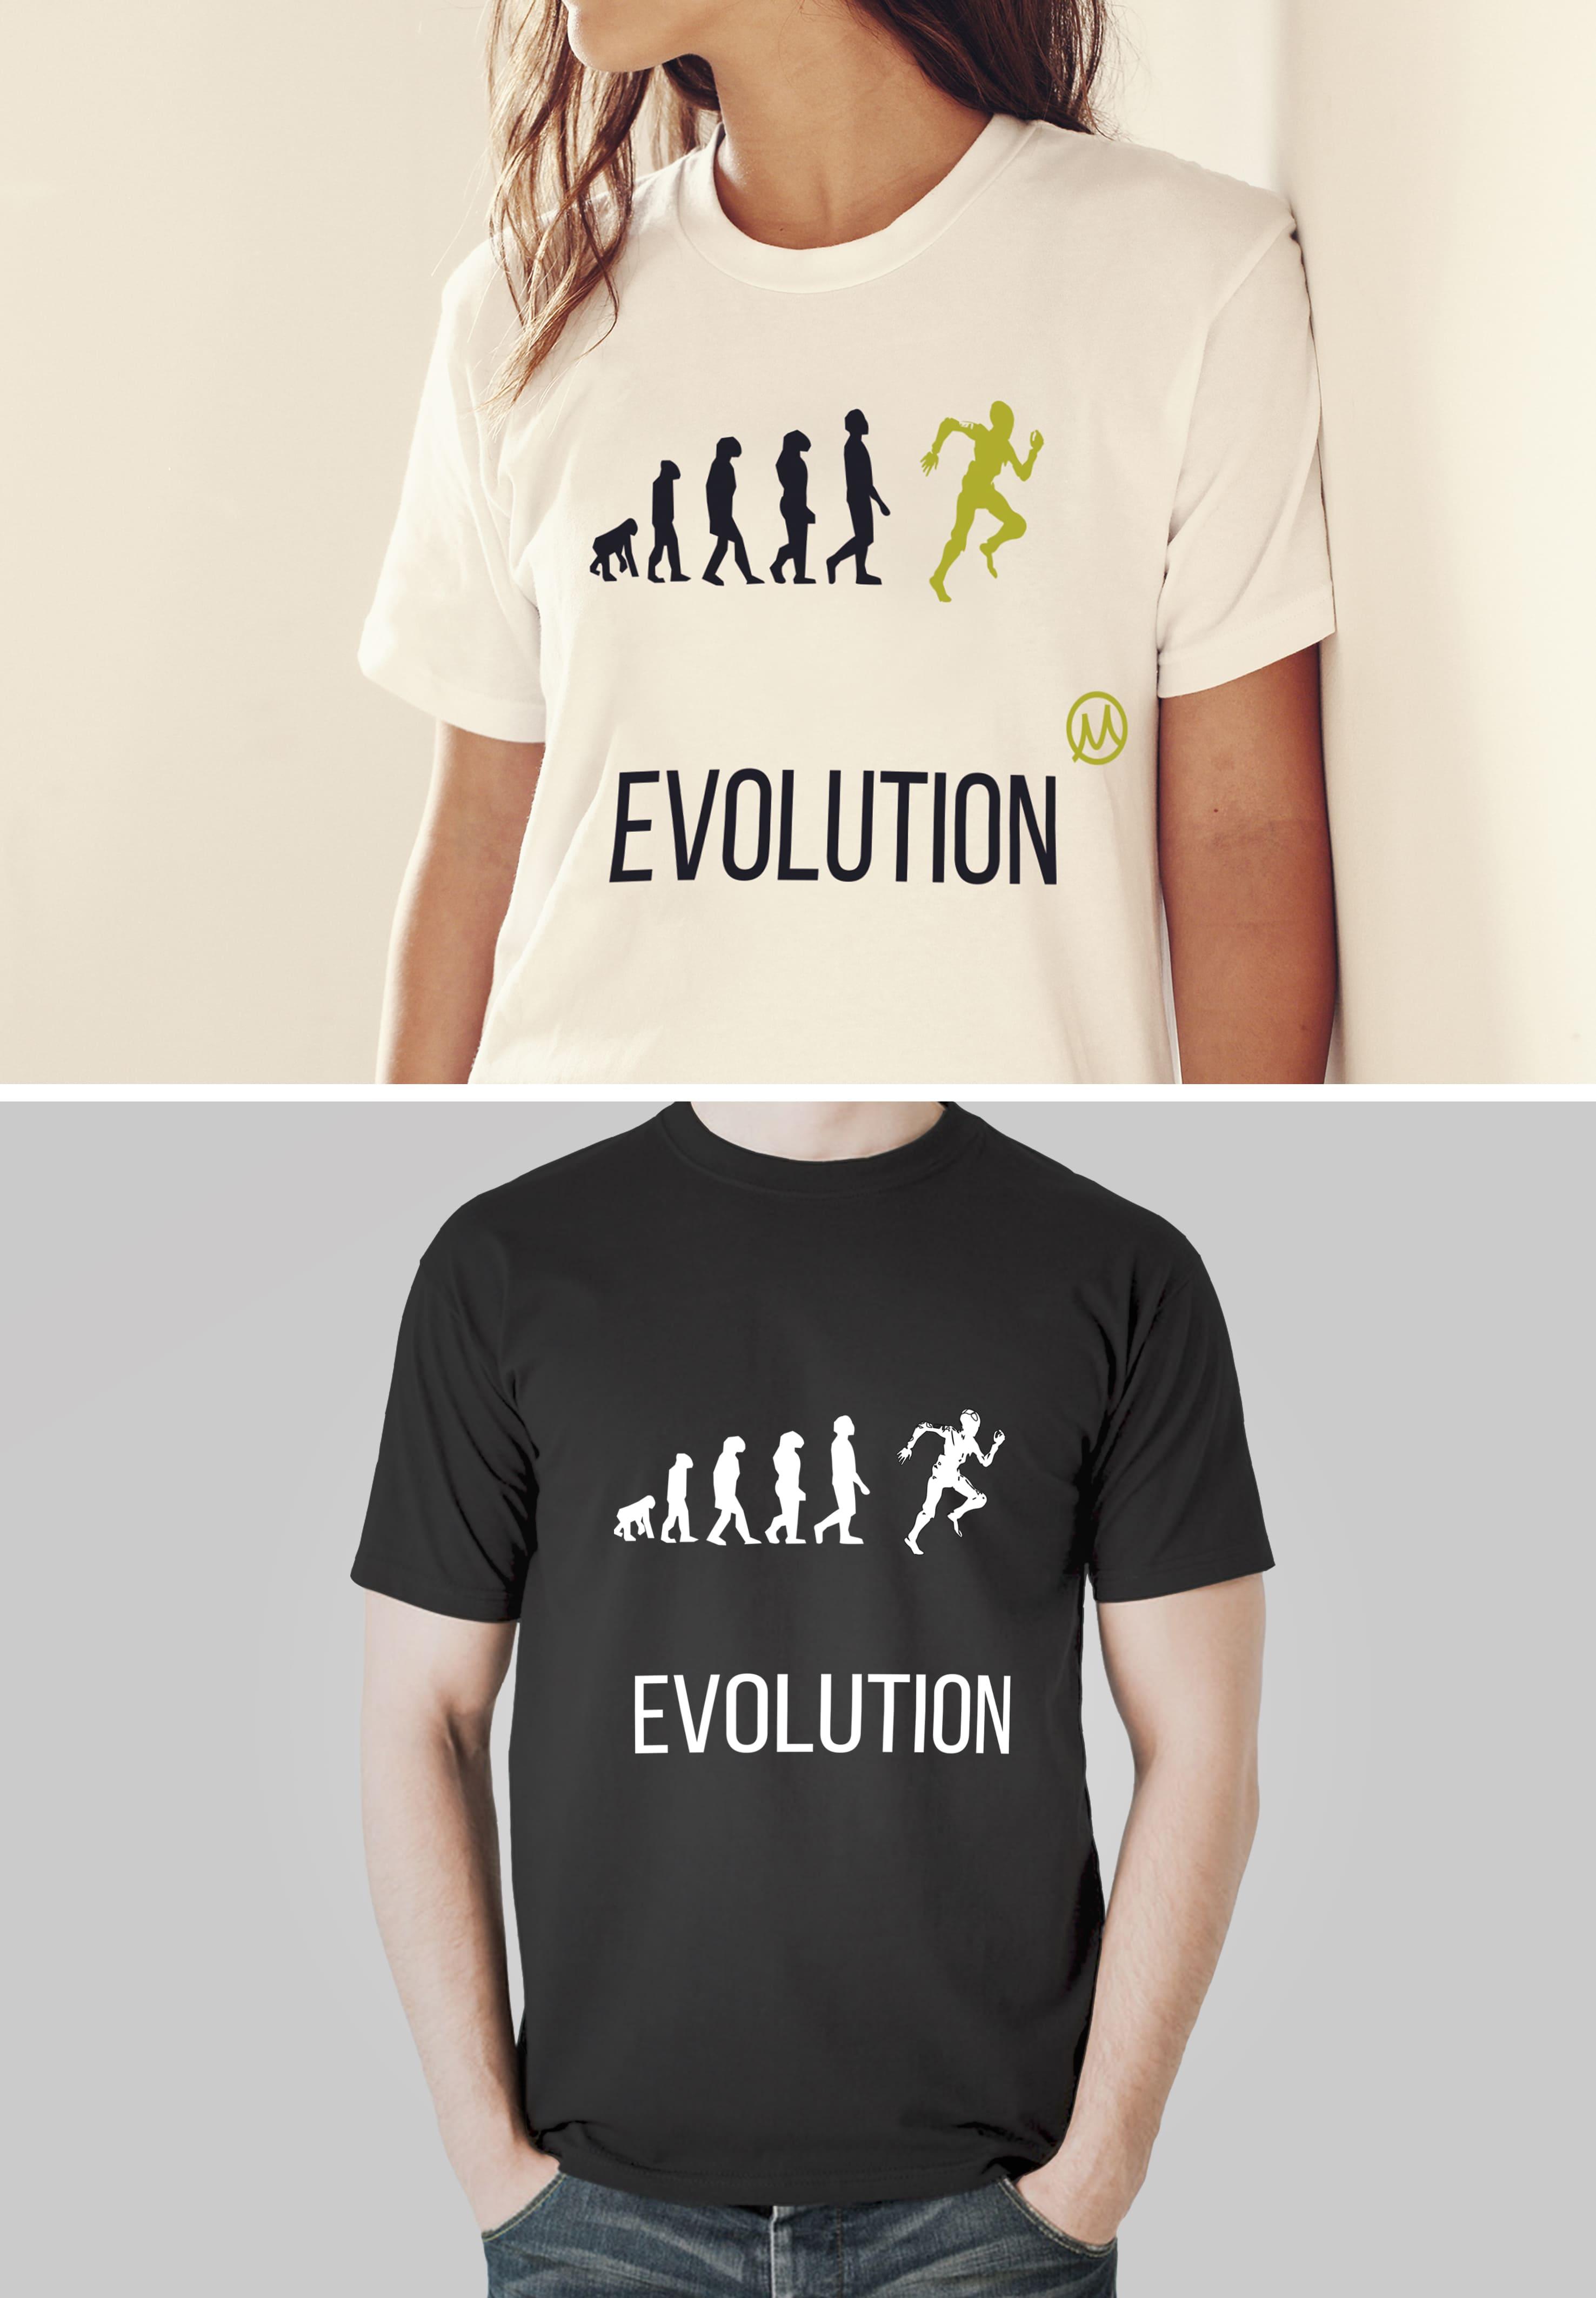 Нарисовать принты на футболки для компании Моторика фото f_18960a63d9743362.jpg